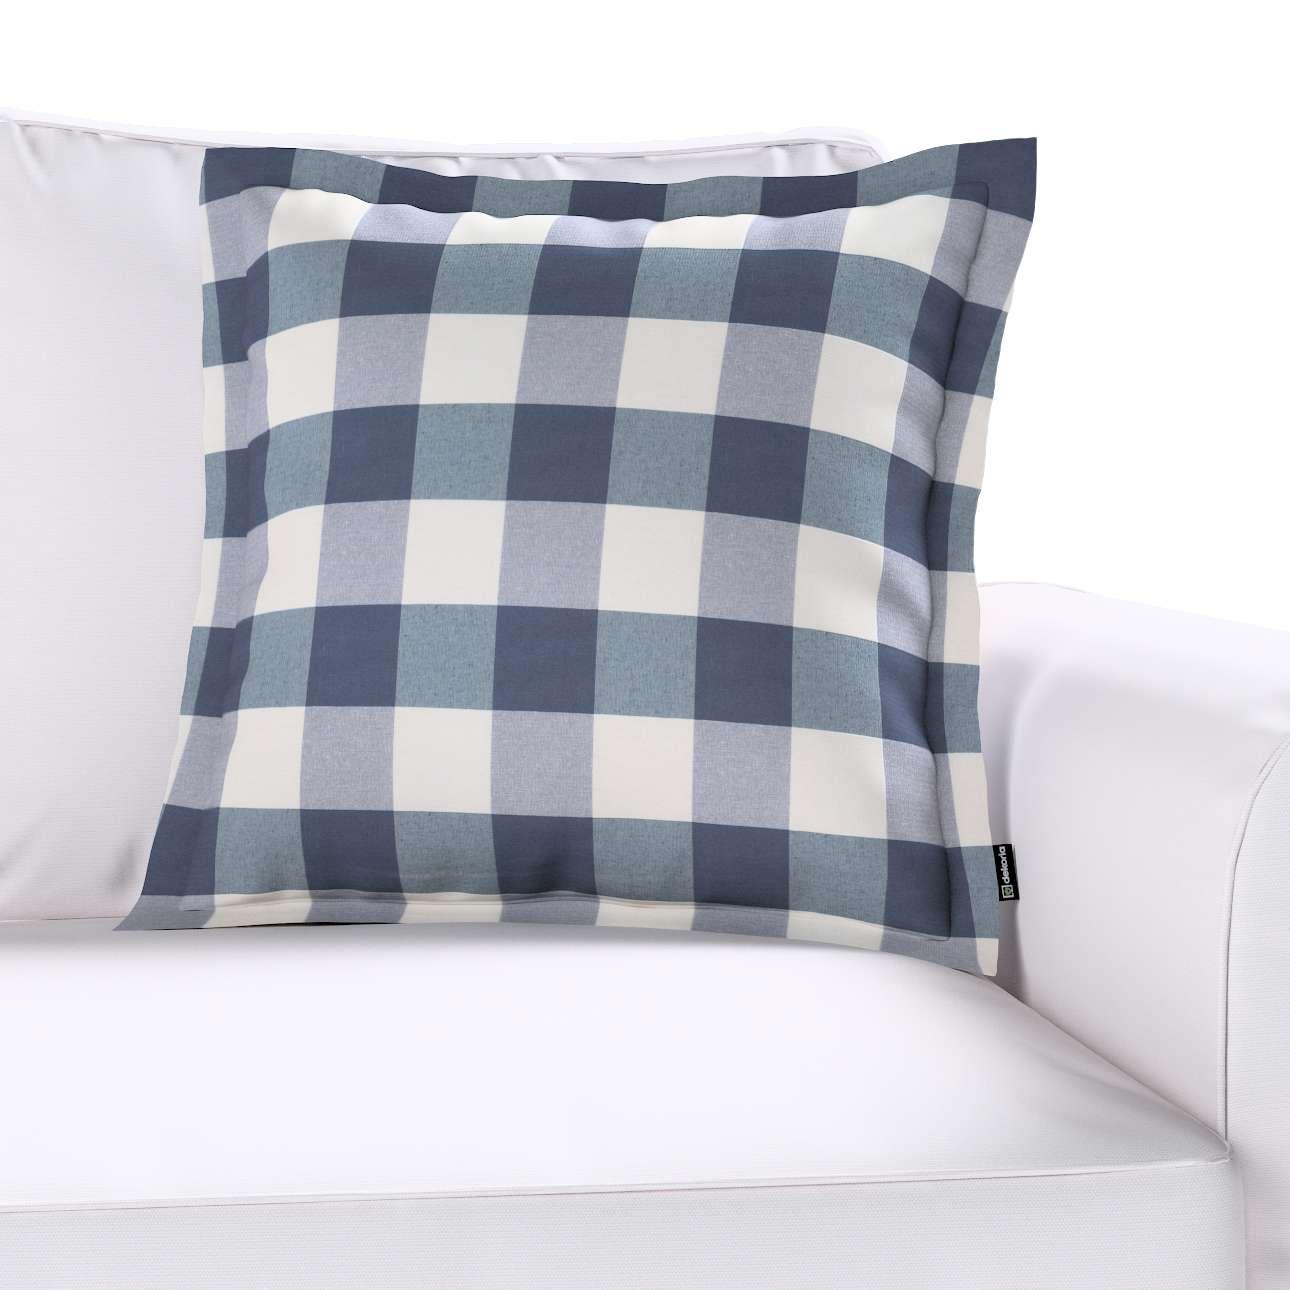 Poszewka Mona na poduszkę 45x45 cm w kolekcji Quadro, tkanina: 136-03